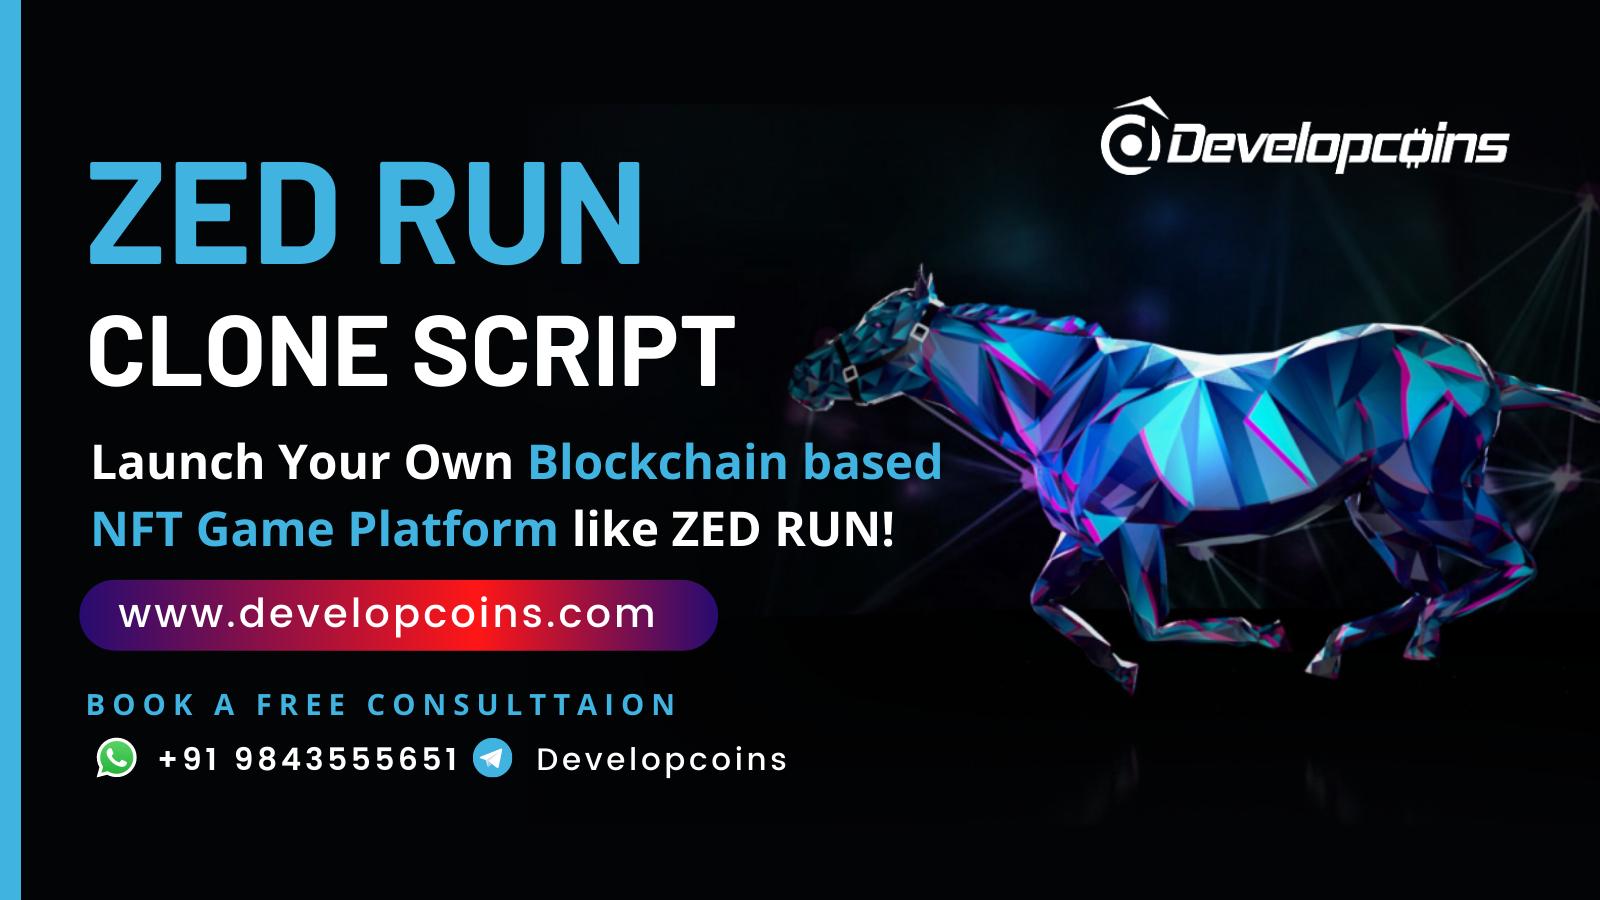 Zed Run Clone Script - Create A Digital Horse Racing Game Based On NFT like Zed Run!